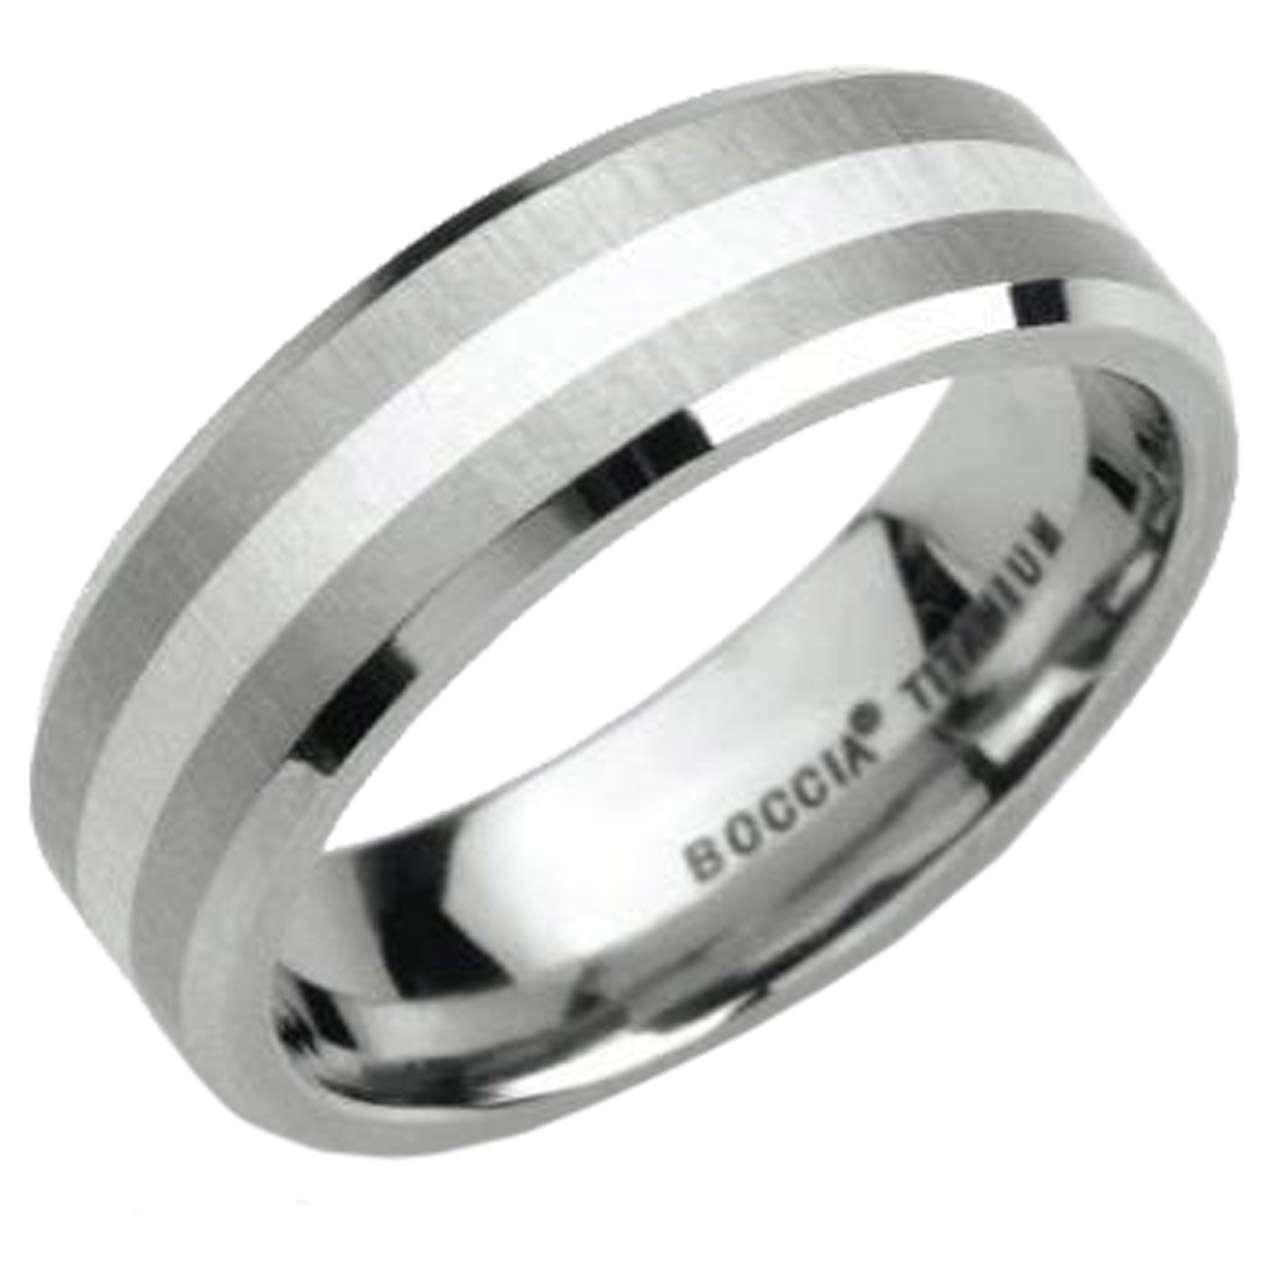 Boccia Ring 0106 02 Titan Silber Flach 7 Mm Breit